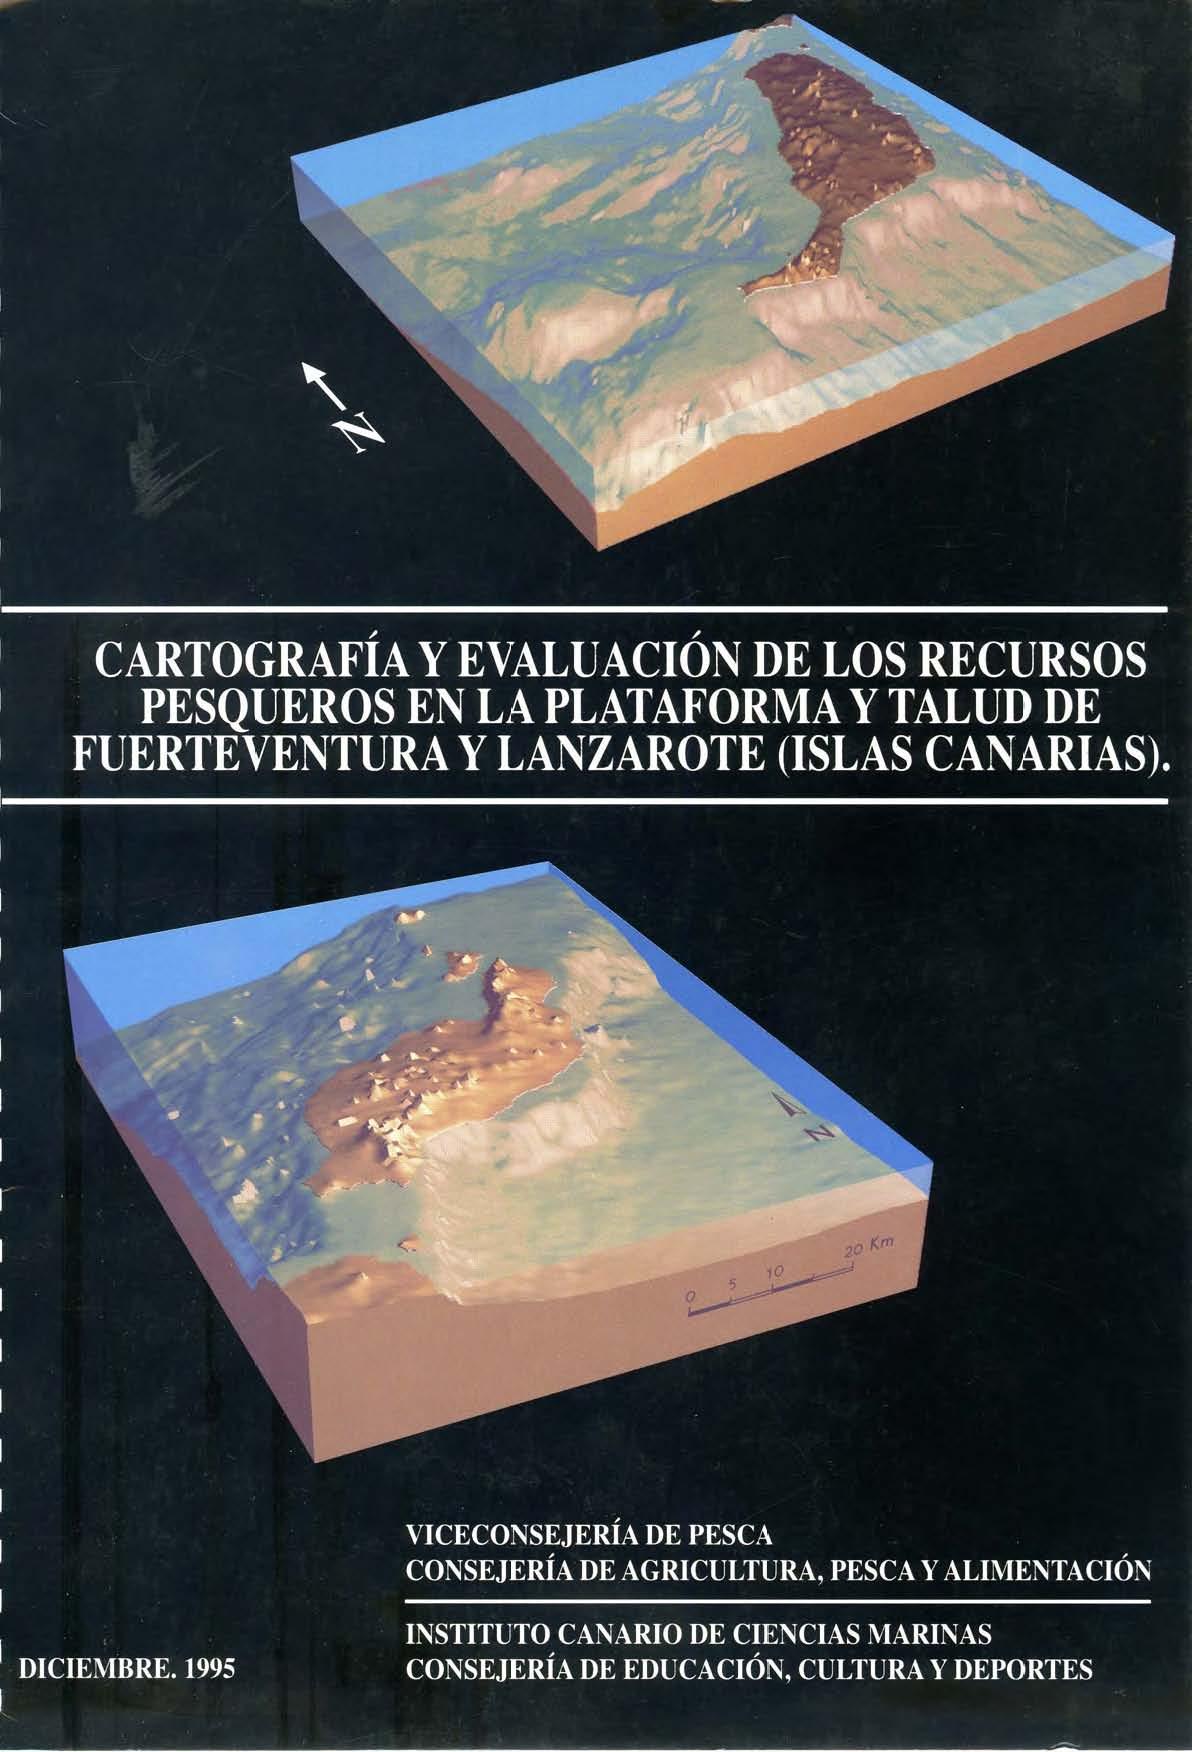 Cartografía y evaluación de los recursos pesqueros en la plataforma y talud de Fuerteventura y Lanzarote (Islas Canarias)